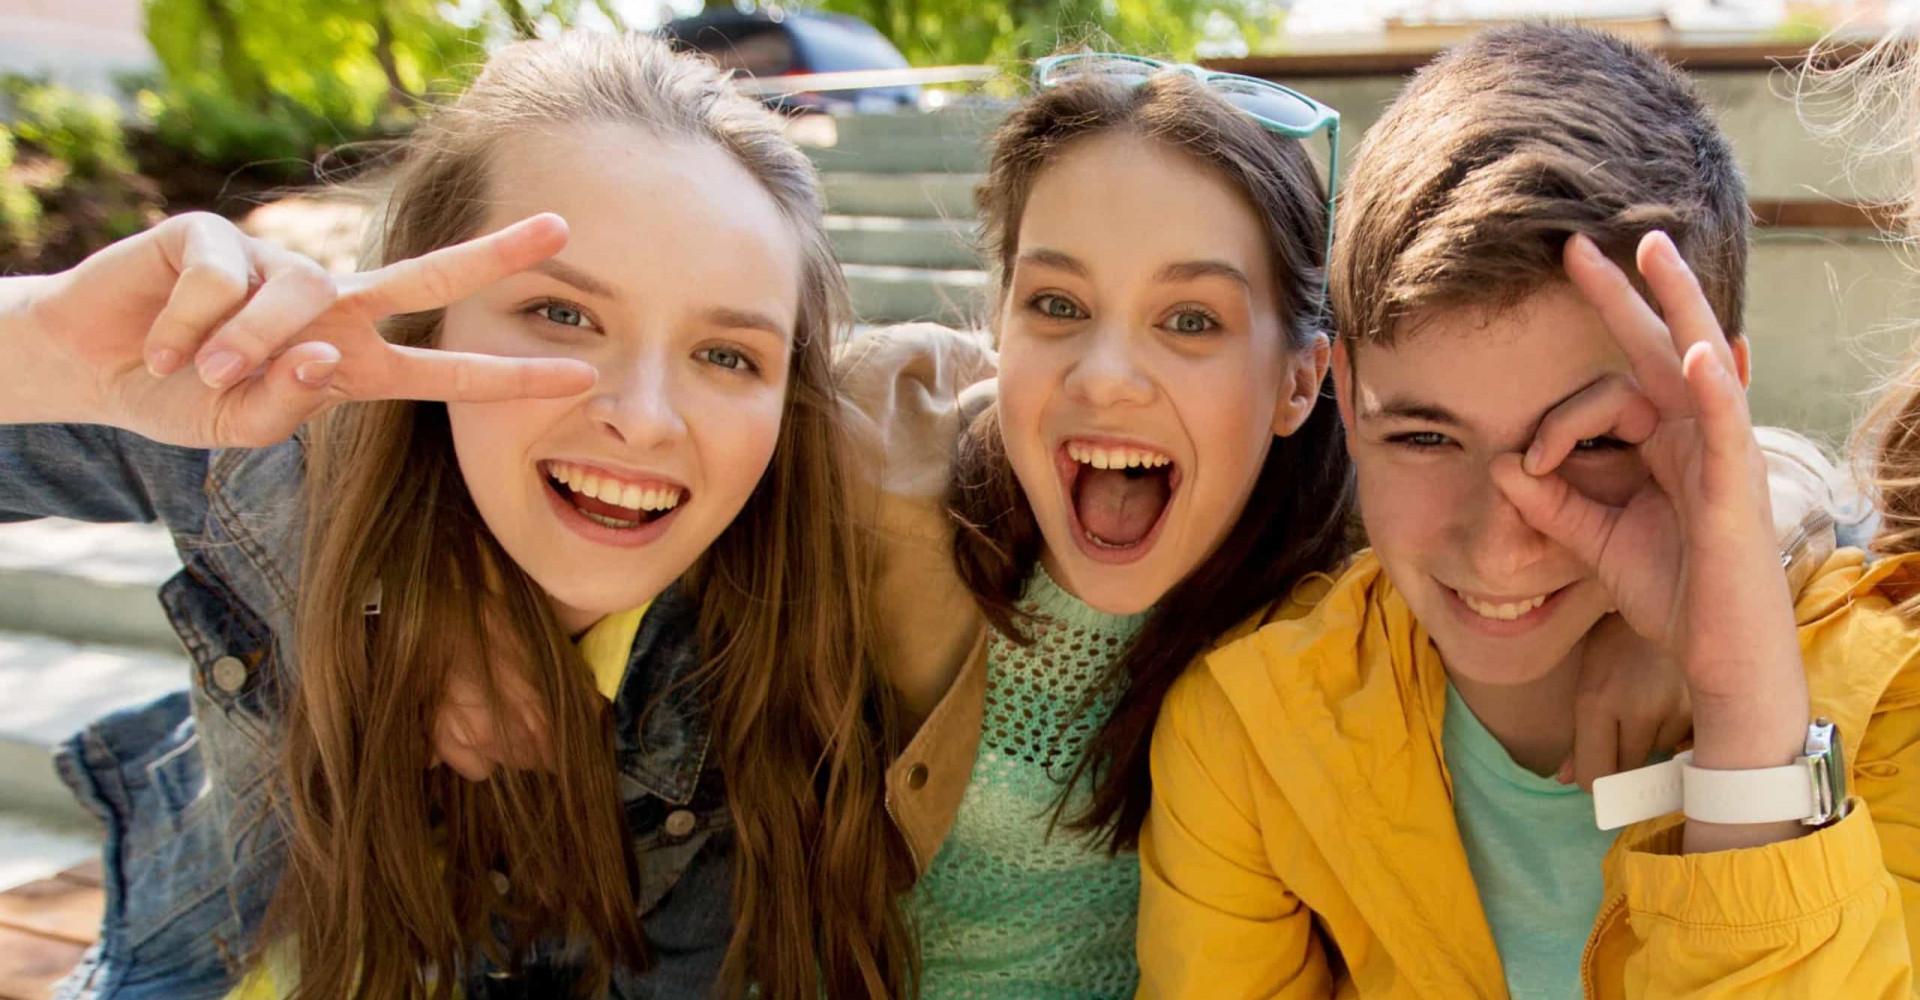 Vriendschappen in je kindertijd beïnvloeden je liefdesleven